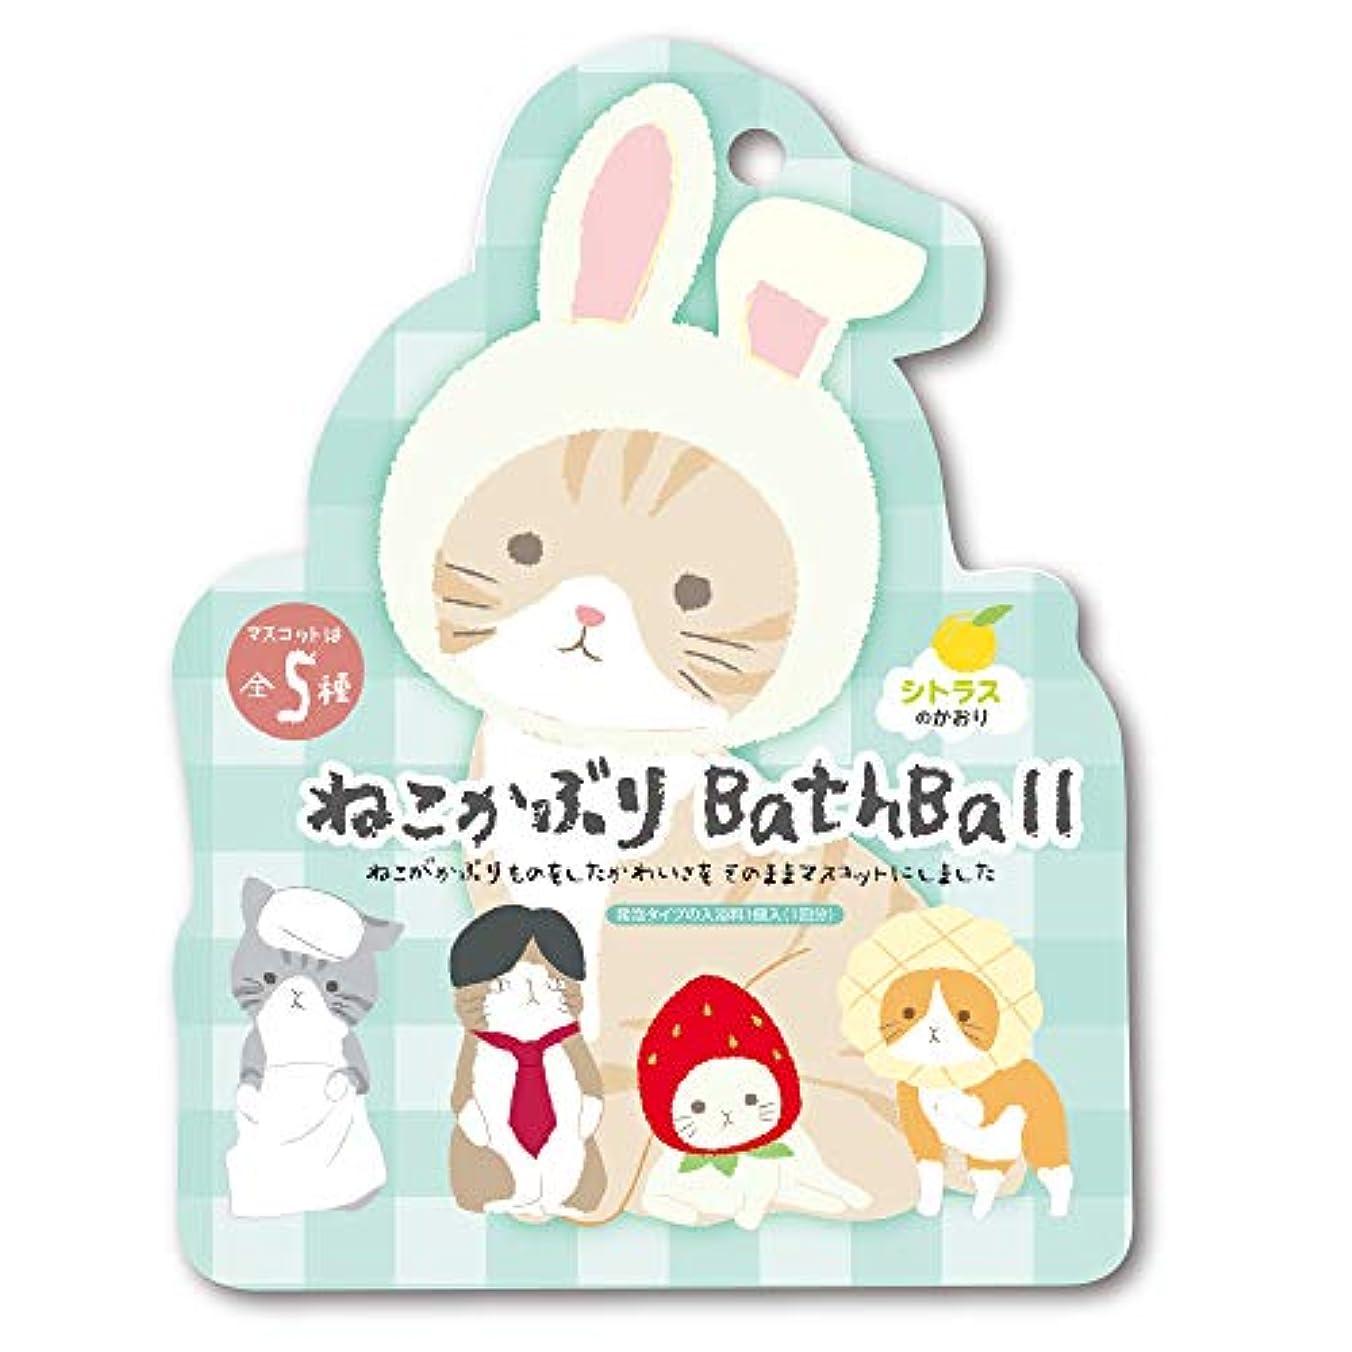 メンテナンスグレー自分ねこかぶり 入浴剤 バスボール おまけ付き シトラスの香り 50g OB-NEB-3-1